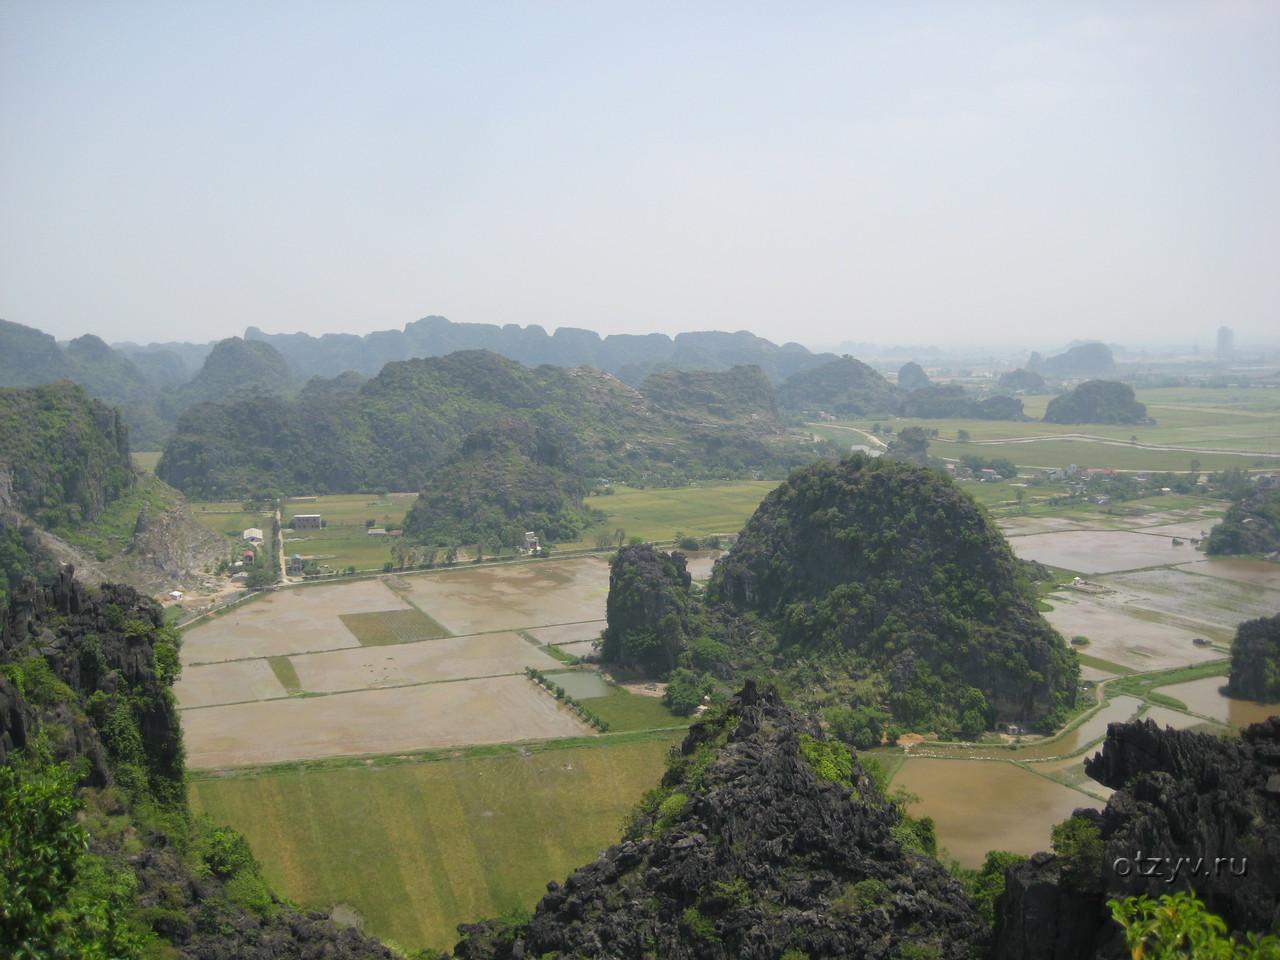 Самостоятельное путешествие во вьетнам, 8 лет спустя (июль 2015 г